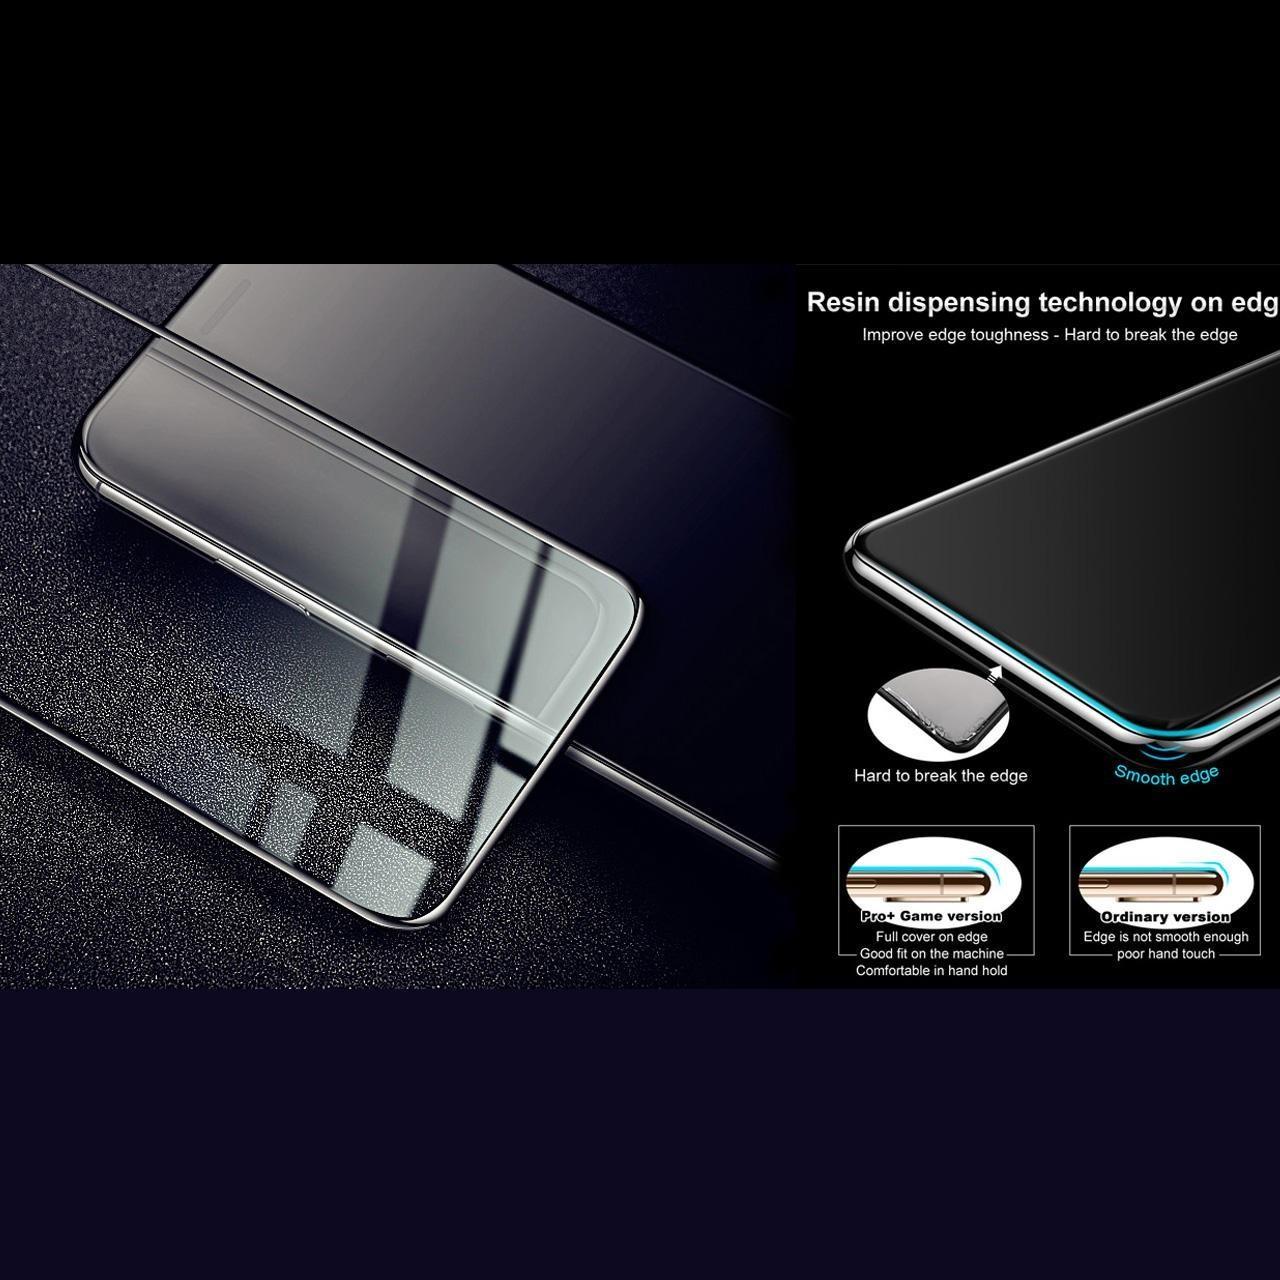 محافظ صفحه نمایش ولگا مدل CER-Powertech مناسب برای گوشی موبایل سامسونگ Galaxy A51 thumb 2